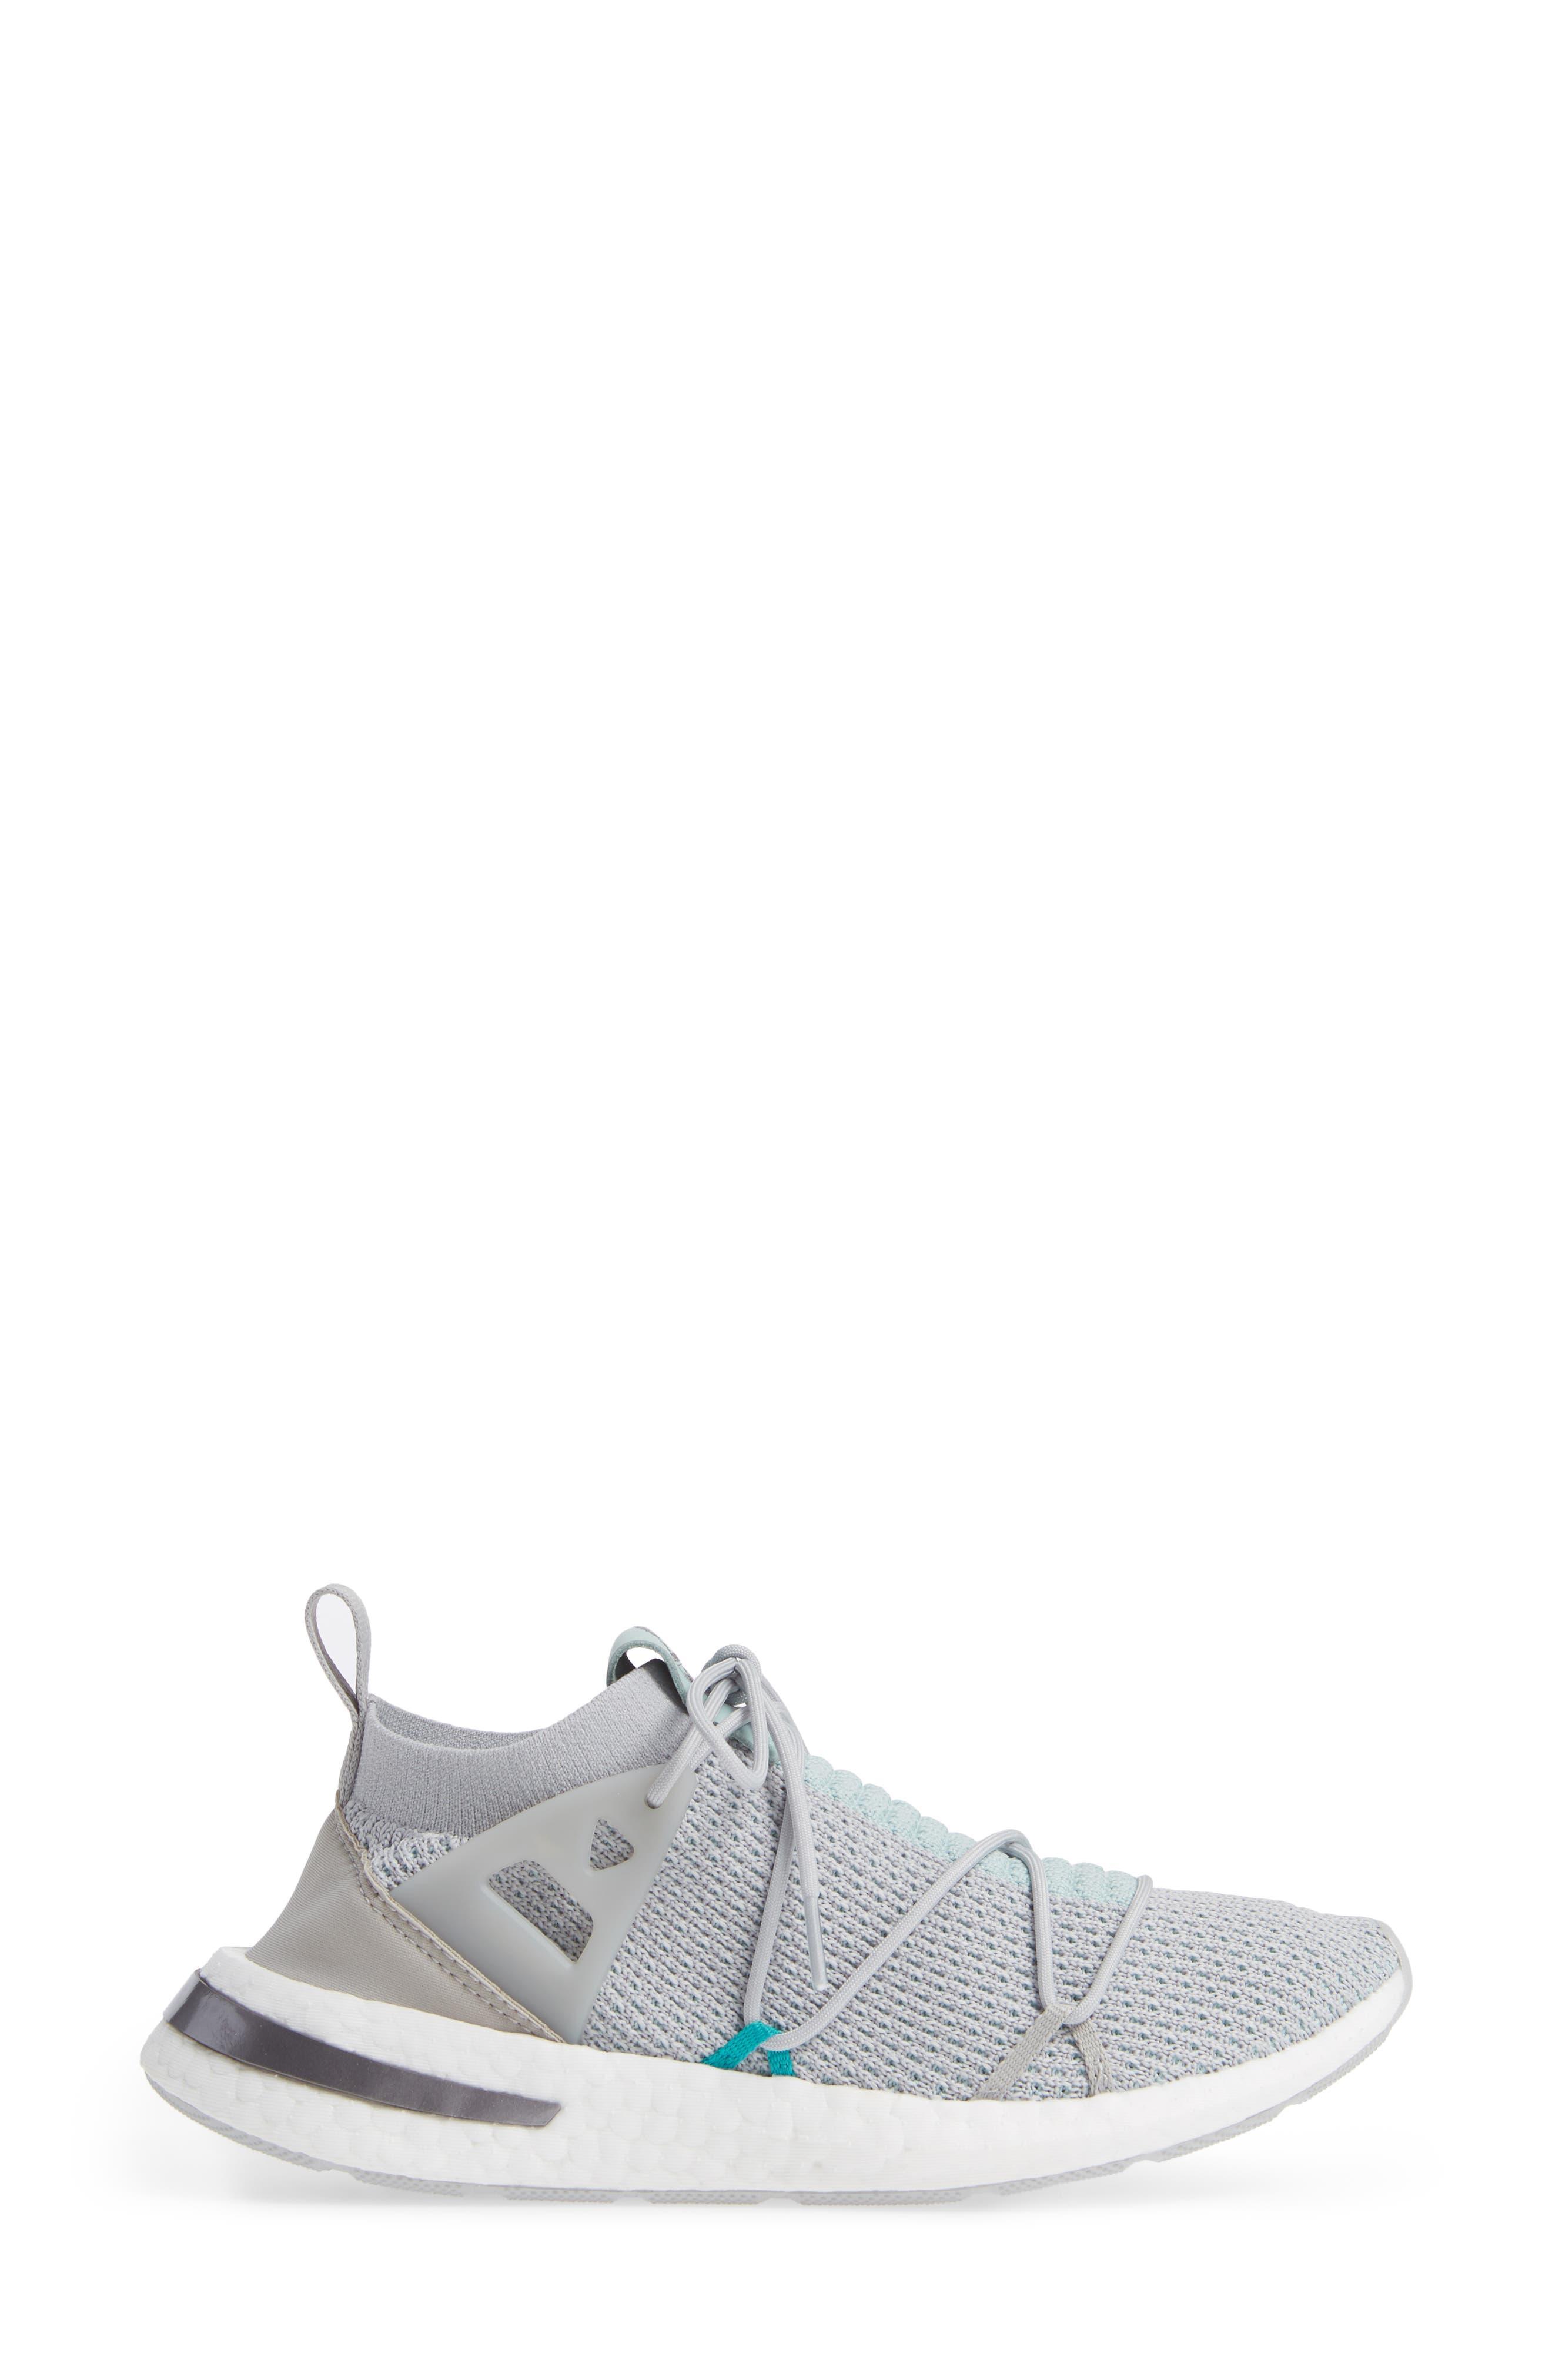 Arkyn Primeknit Sneaker,                             Alternate thumbnail 3, color,                             GREY TWO/ GREY TWO/ ASH GREEN